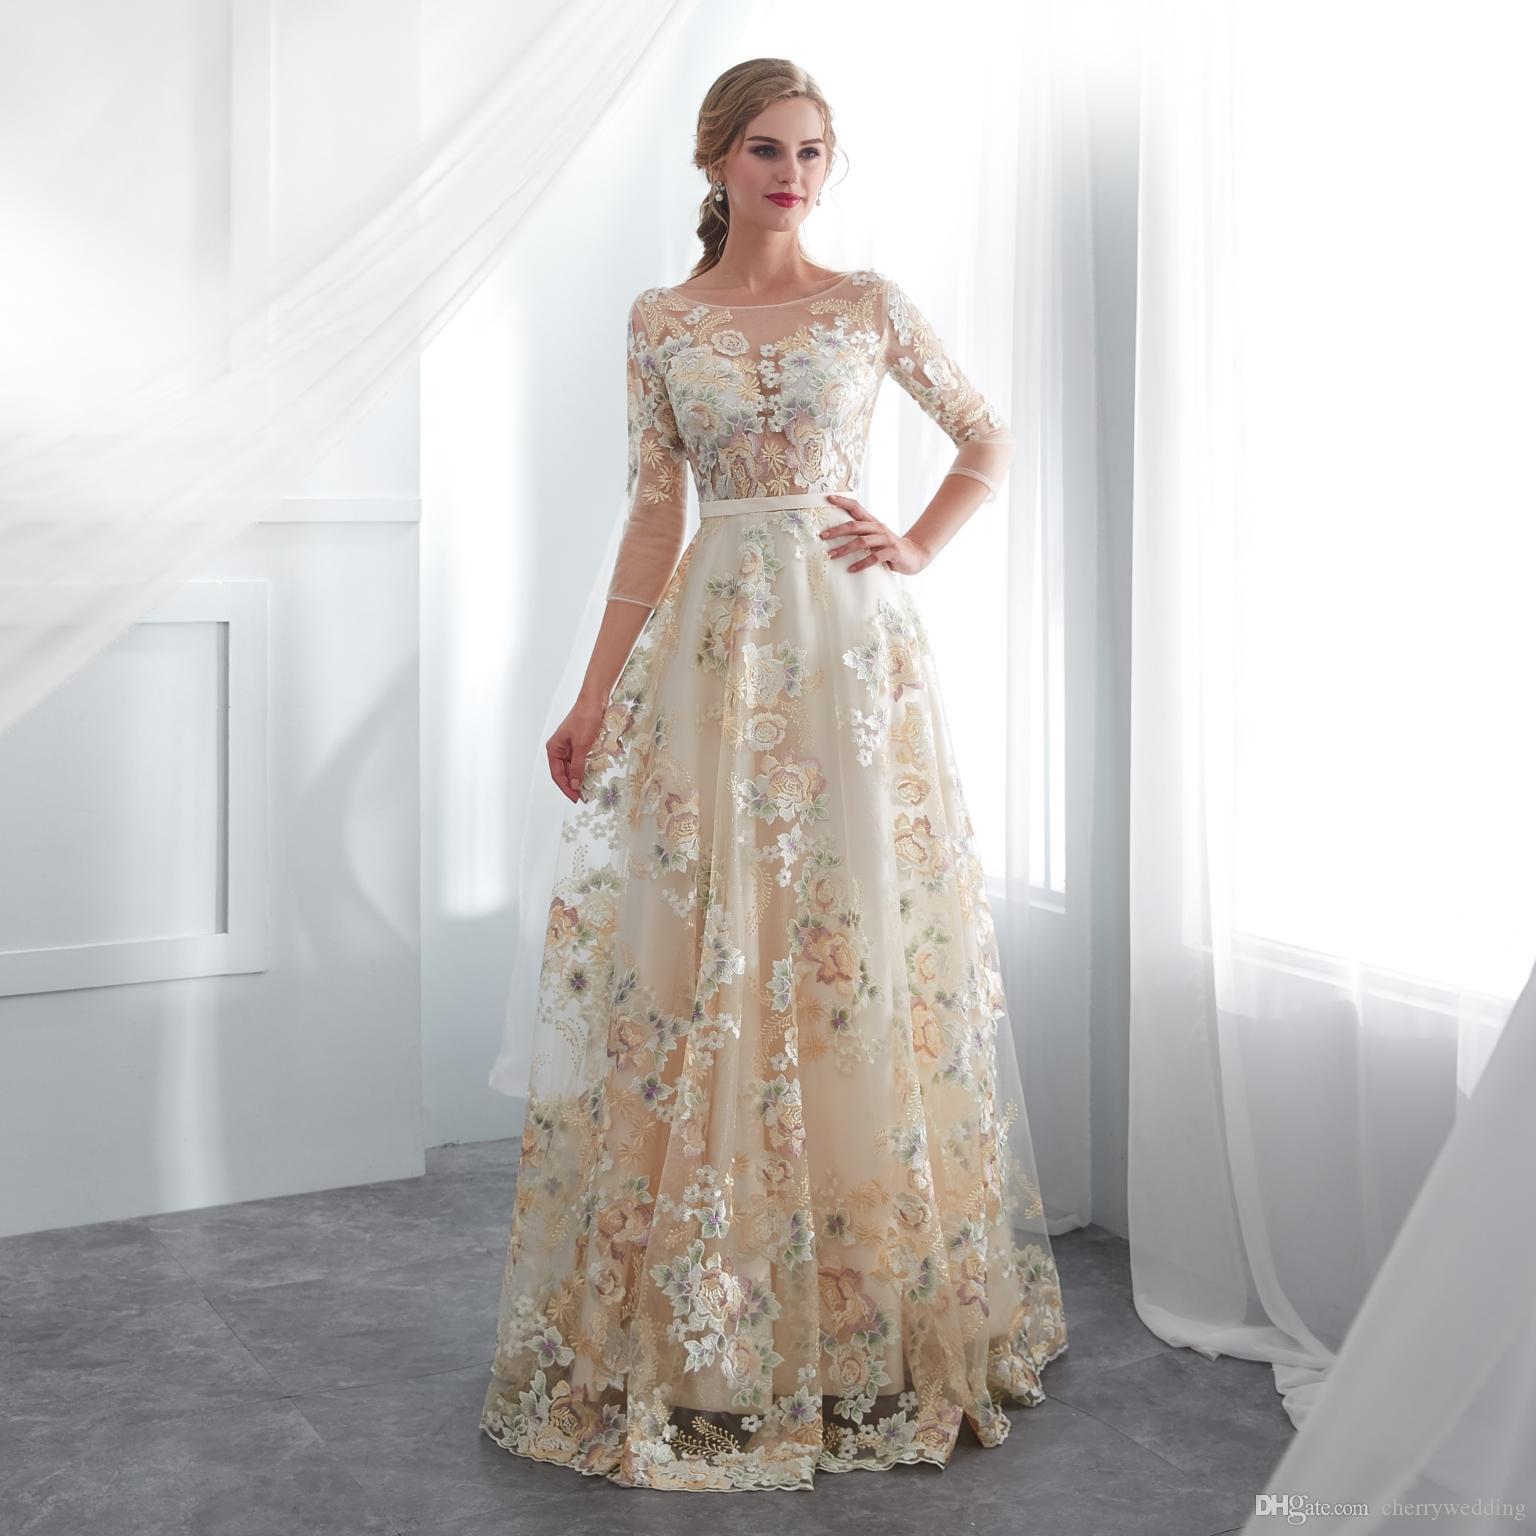 15 Luxus Farbige Brautkleider Design17 Schön Farbige Brautkleider Boutique